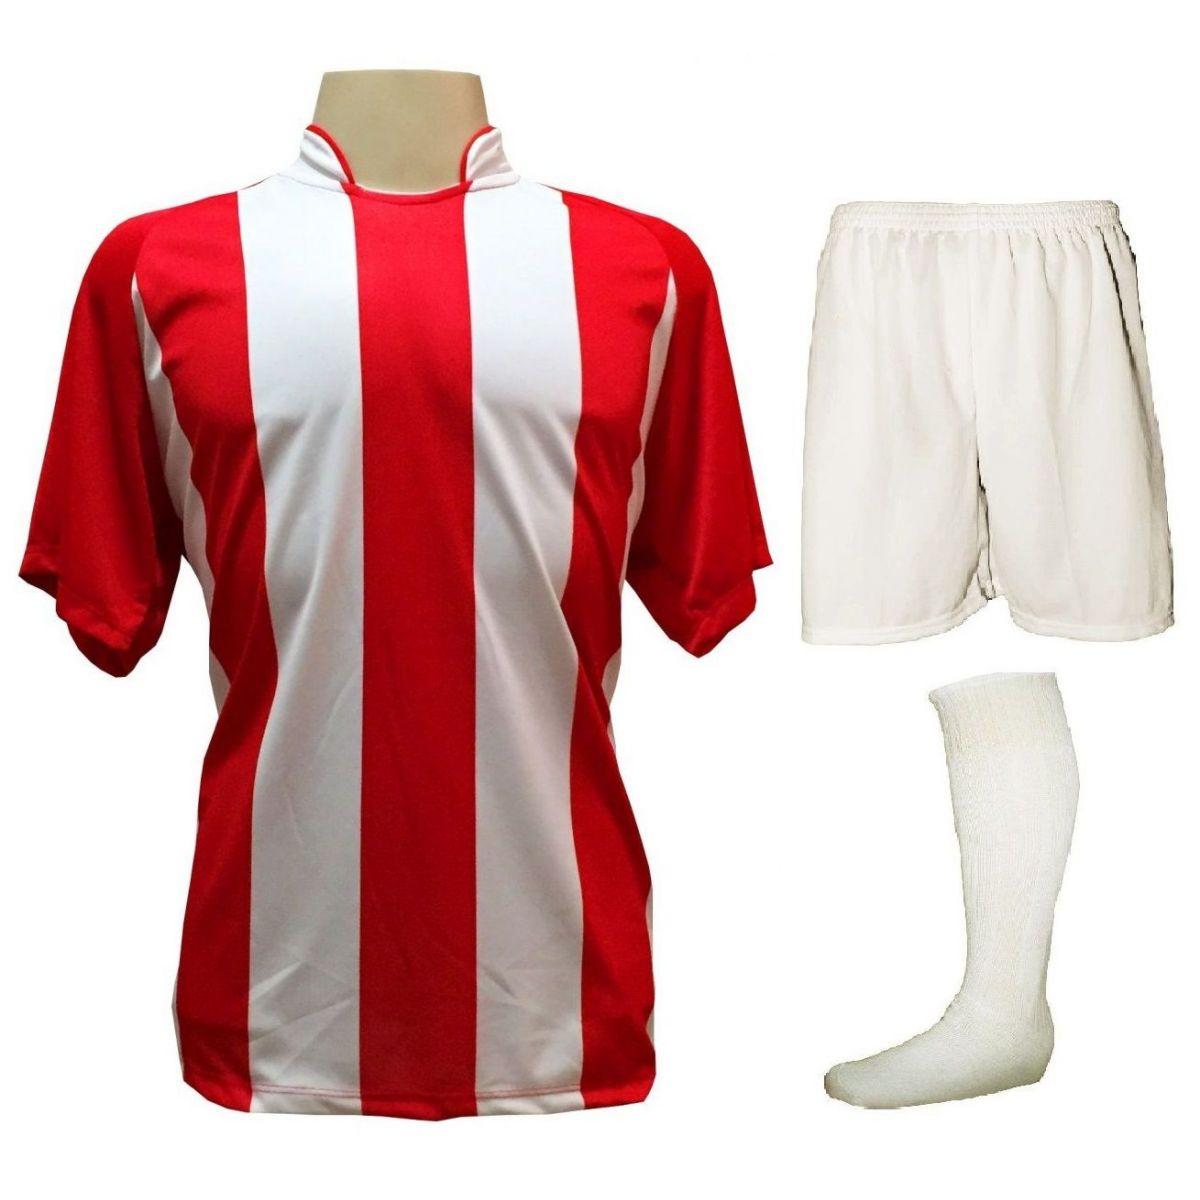 Uniforme Esportivo com 12 Camisas modelo Milan Vermelho/Branco + 12 Calções modelo Madrid Branco + 12 Pares de meiões Branco